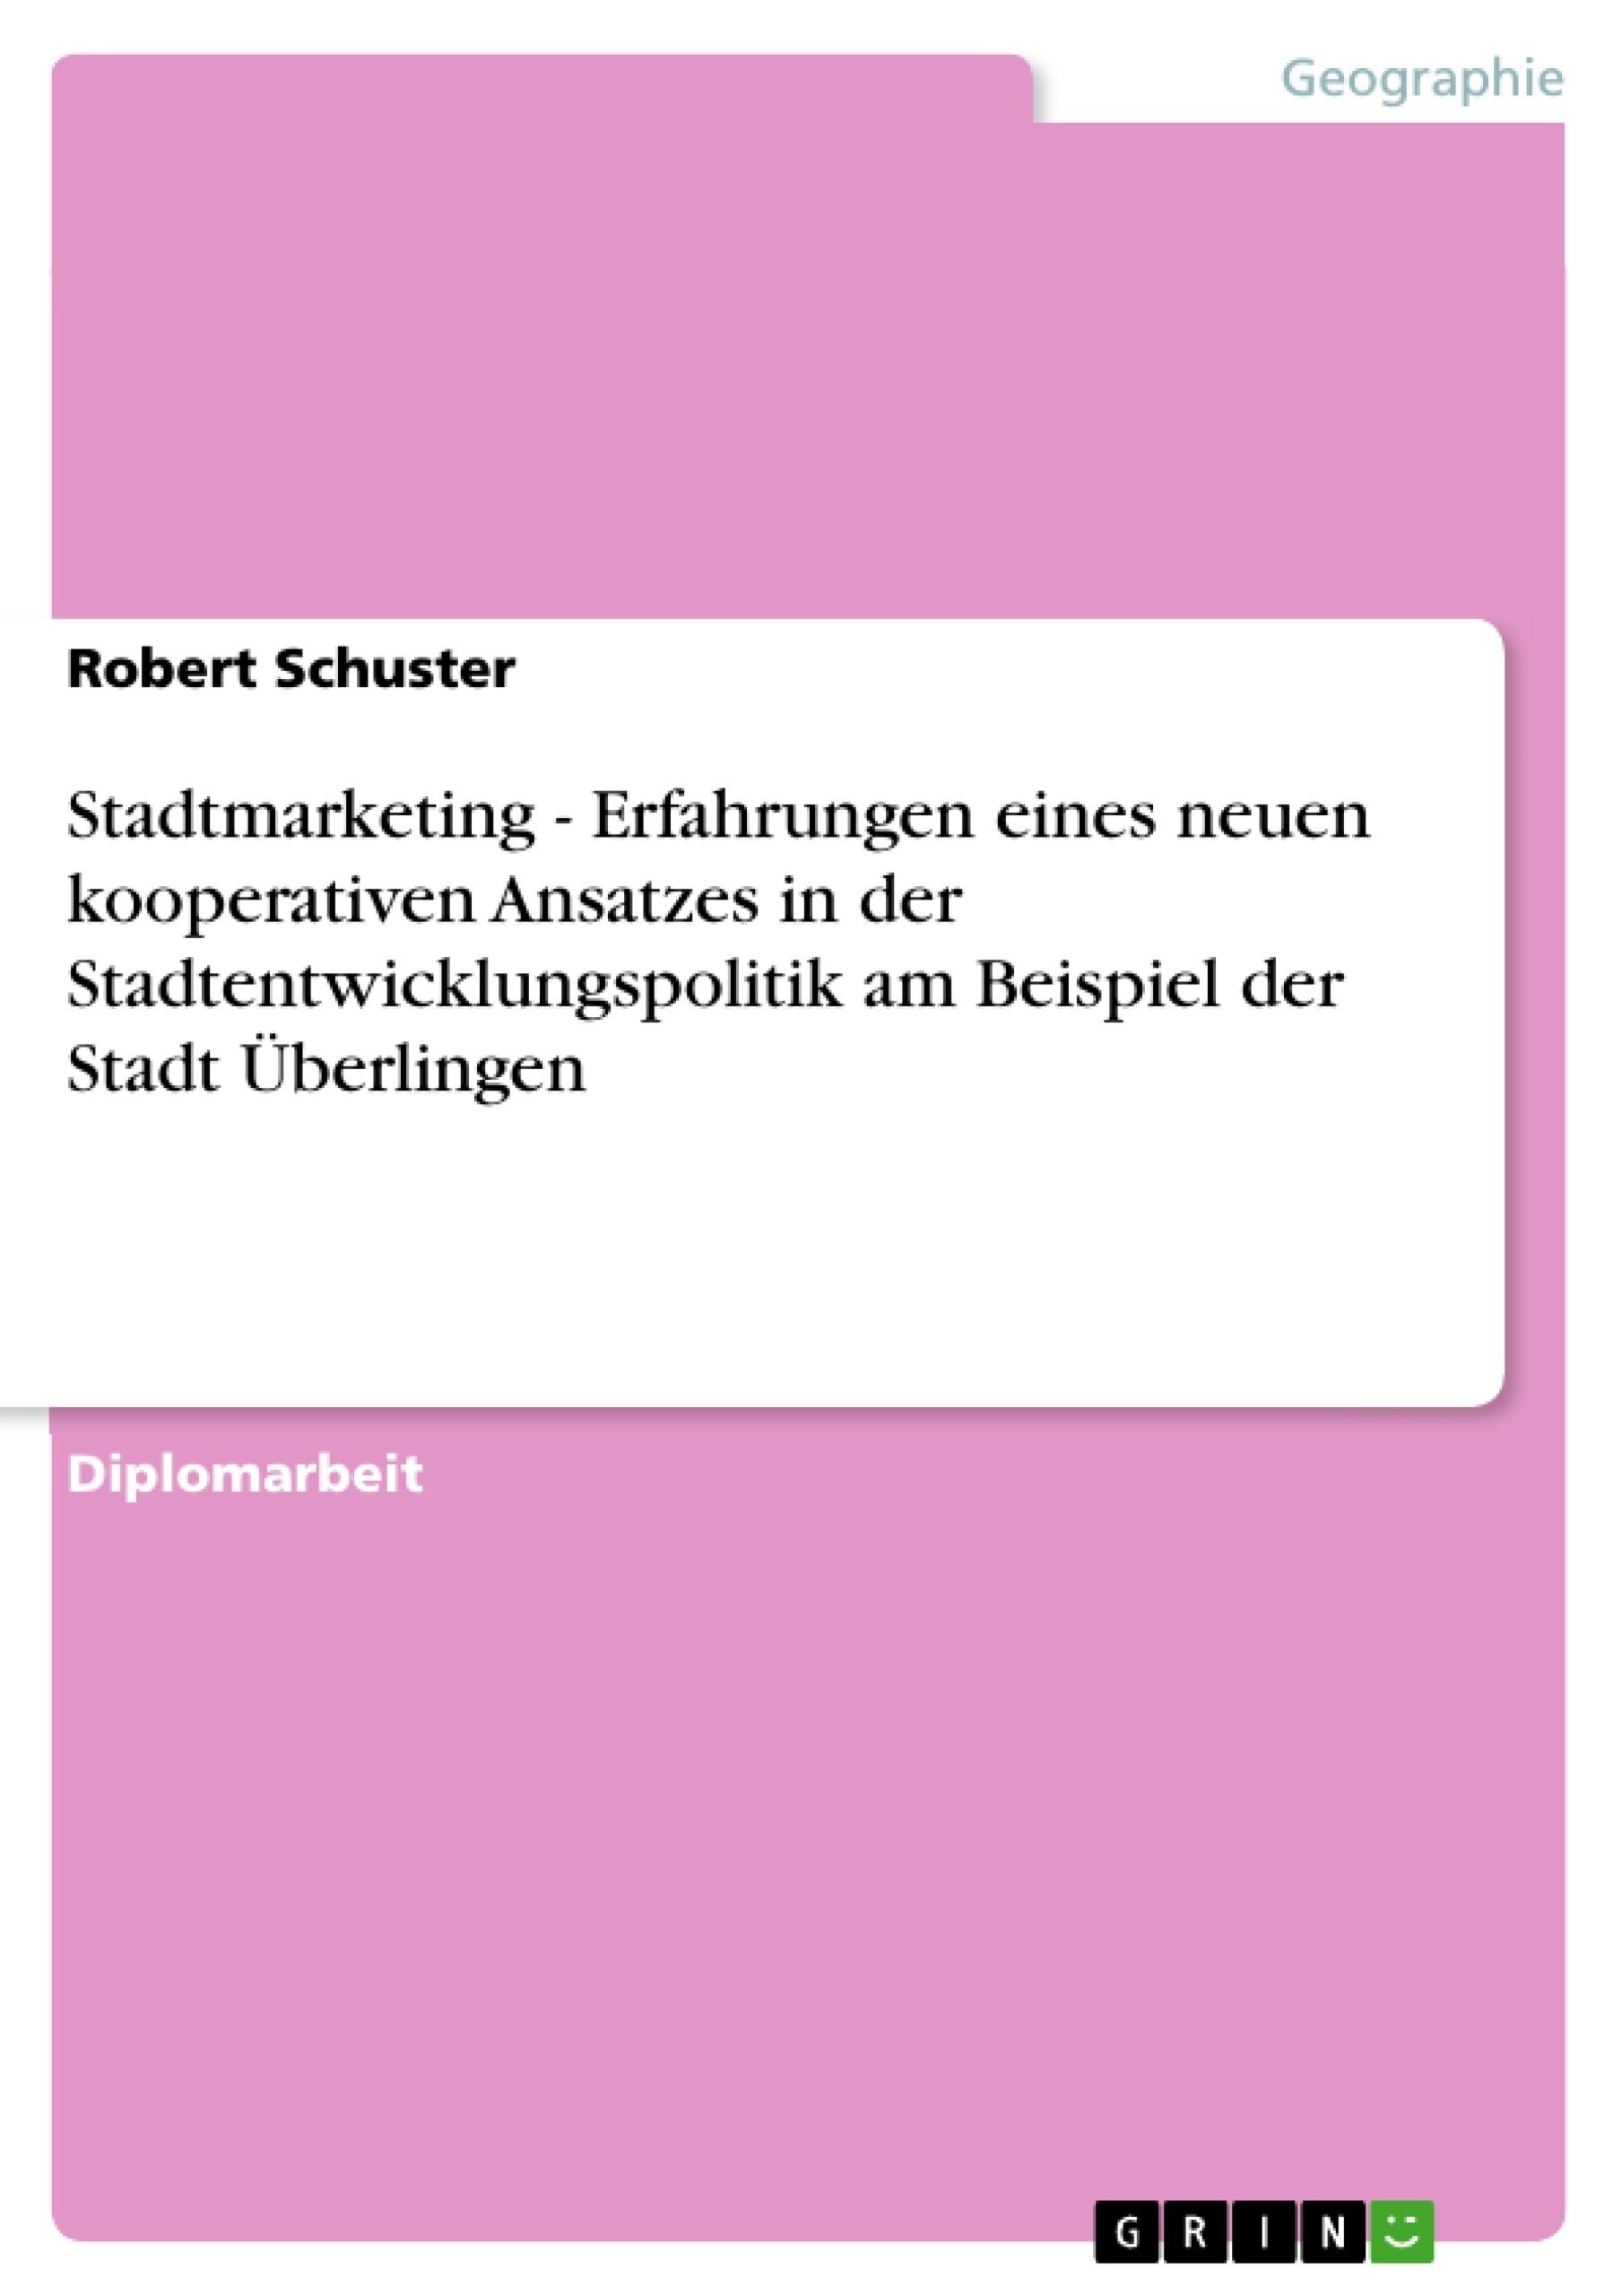 Titel: Stadtmarketing  - Erfahrungen eines neuen kooperativen Ansatzes in der Stadtentwicklungspolitik am Beispiel der Stadt Überlingen